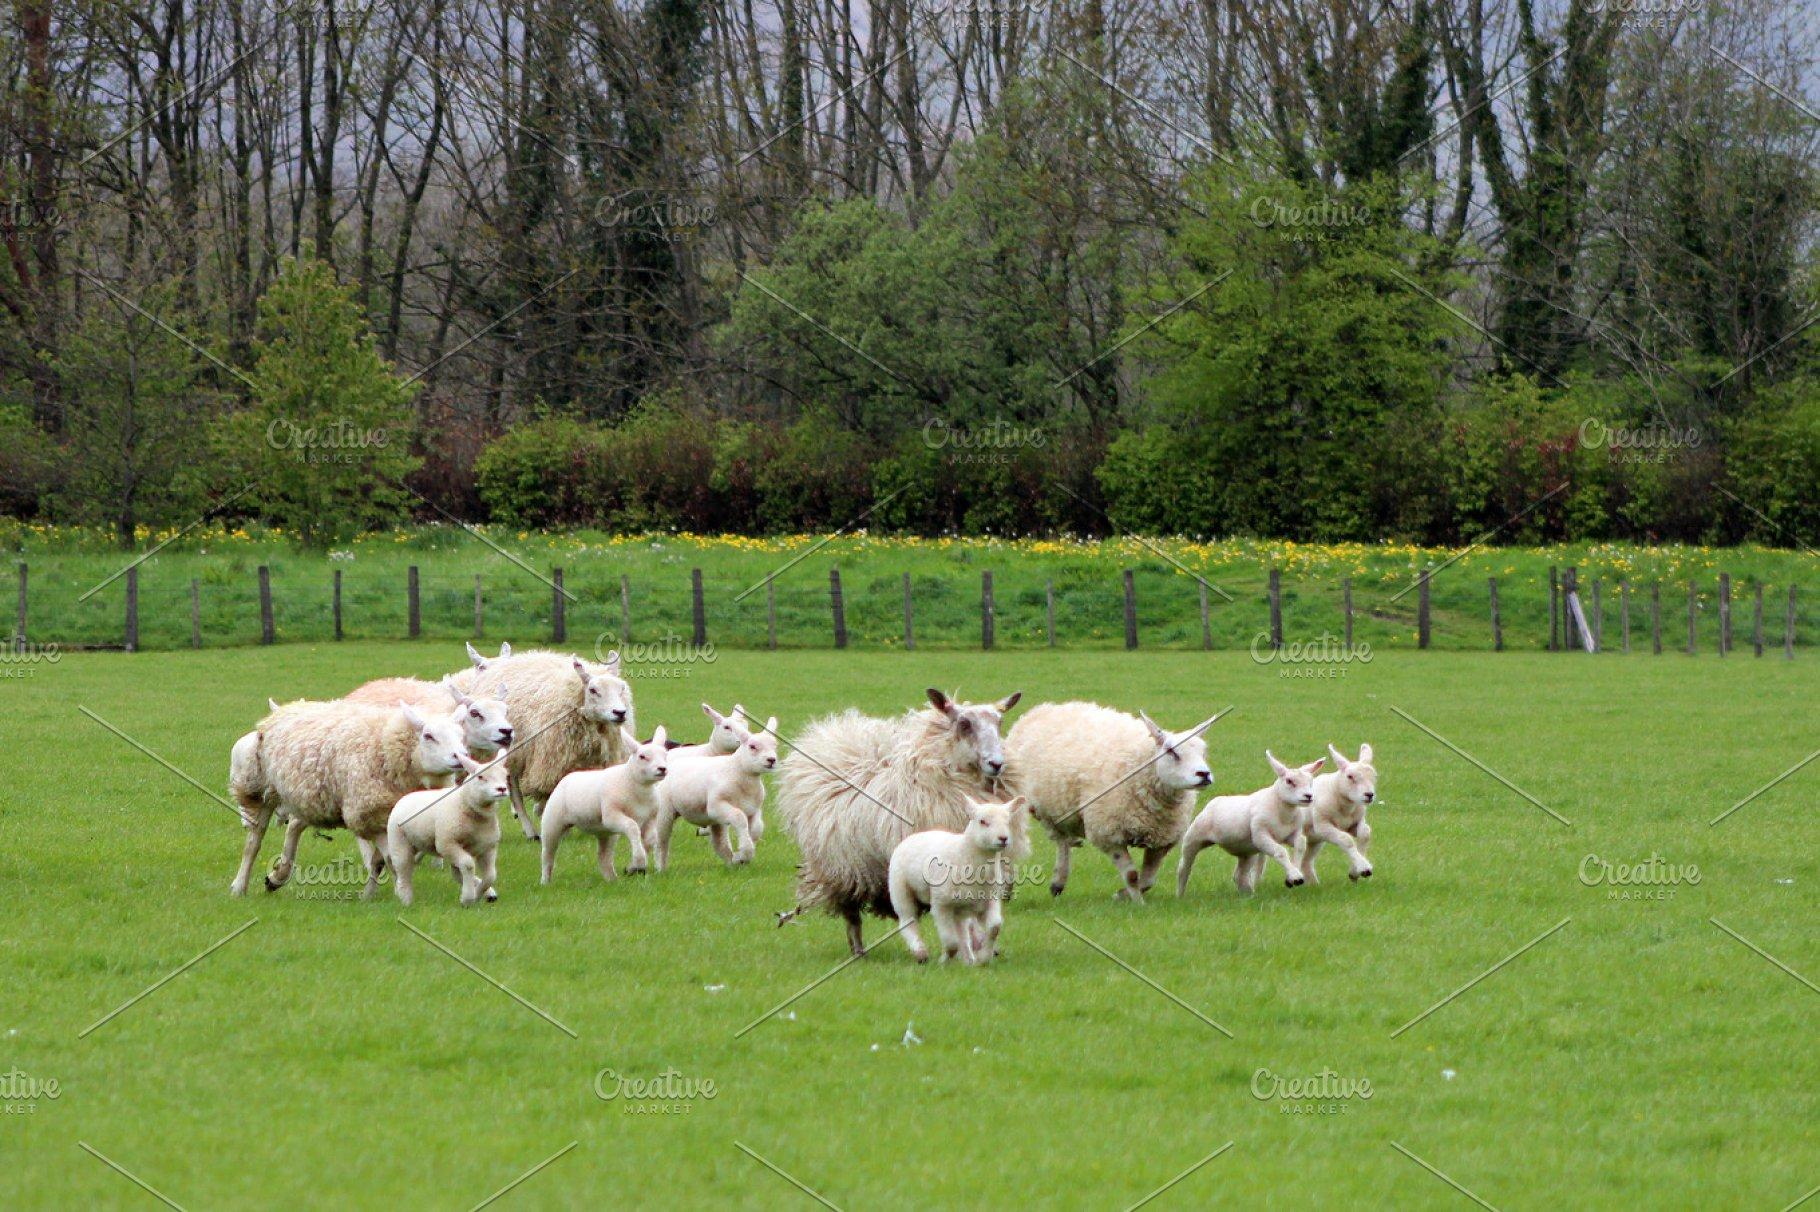 Running Sheep and lambs